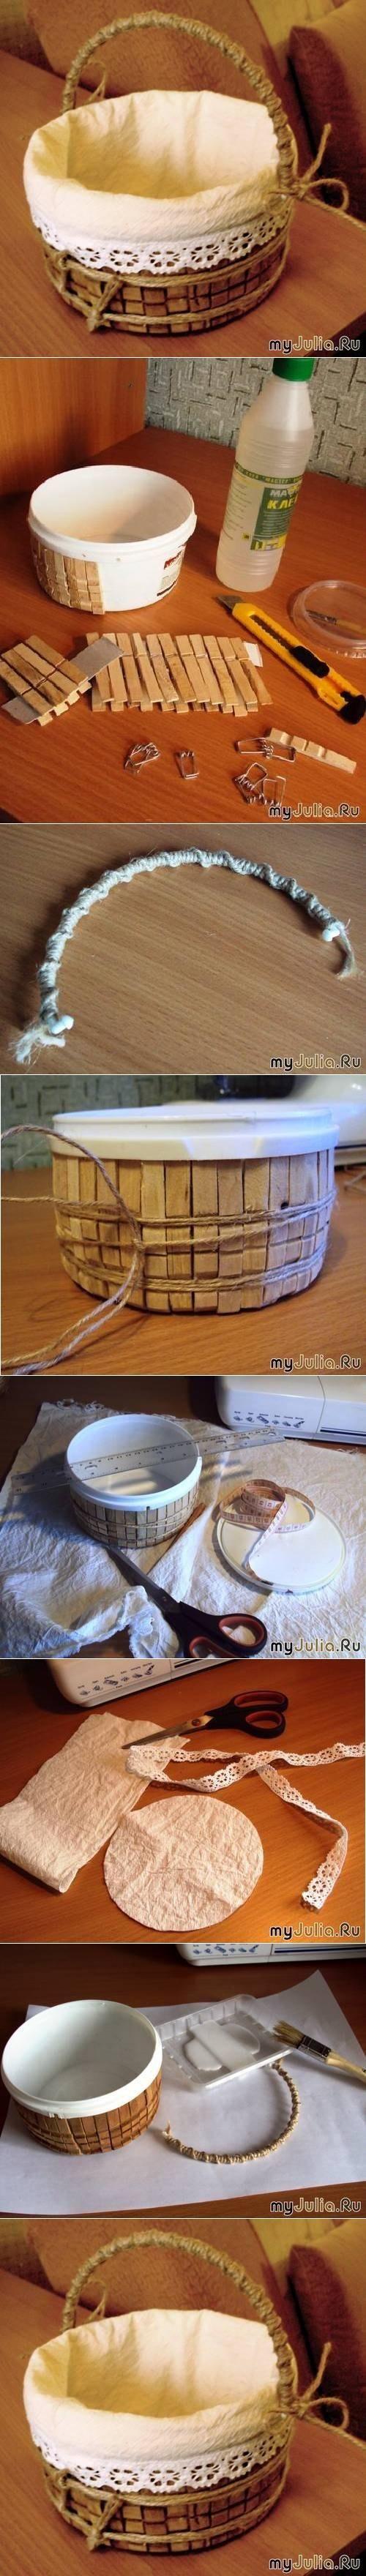 DIY Needlework Basket